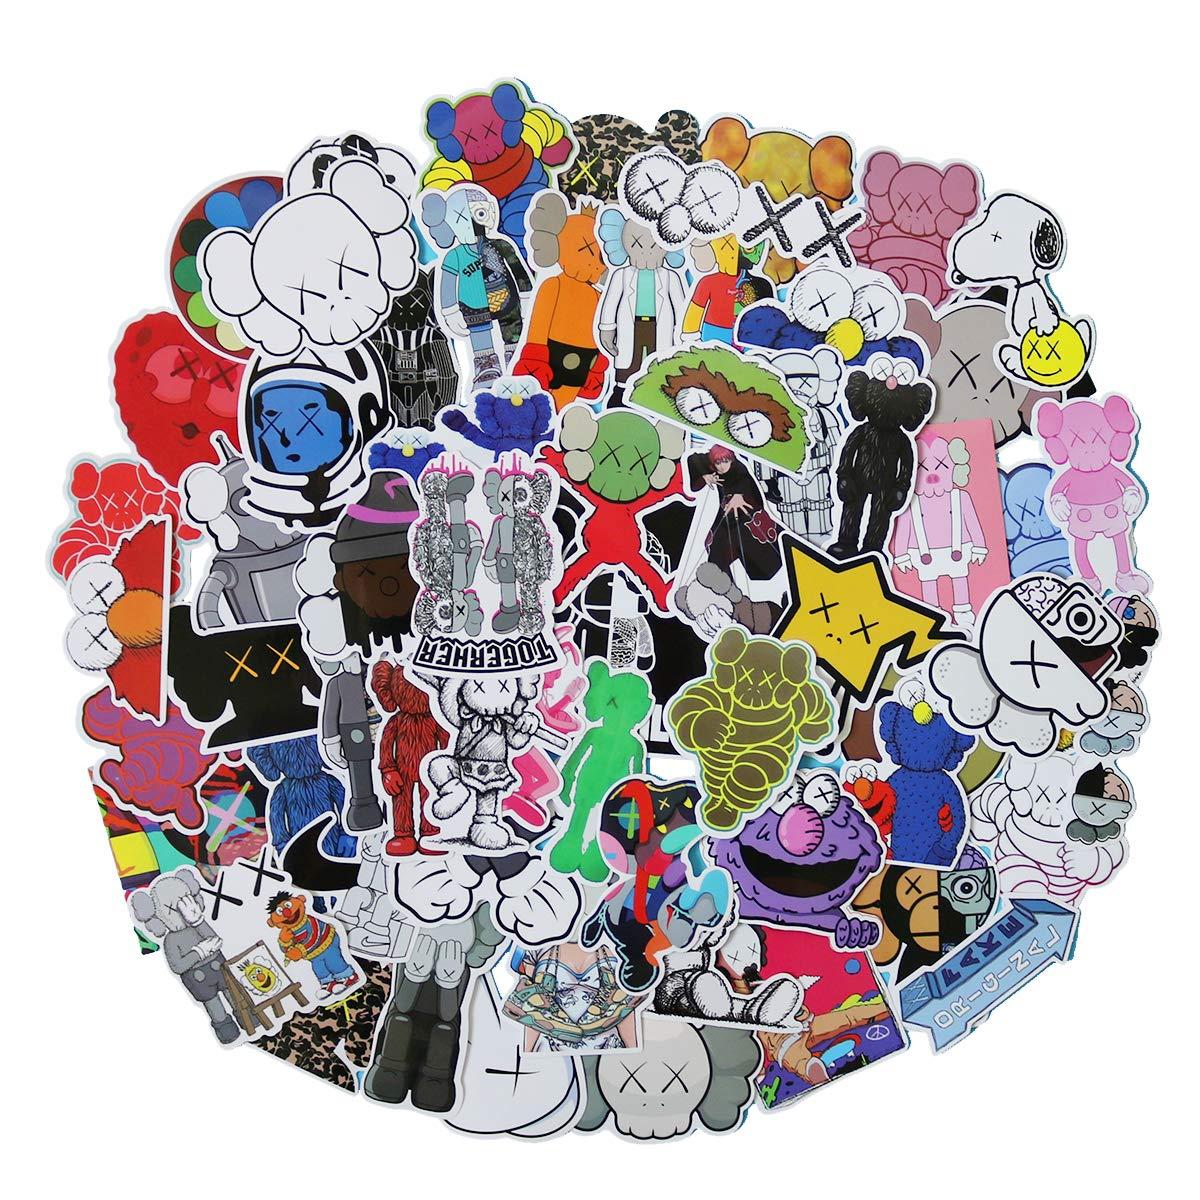 Stickers Calcos 65 un. Surtidos Origen U.S.A. (7SHV9PDY)